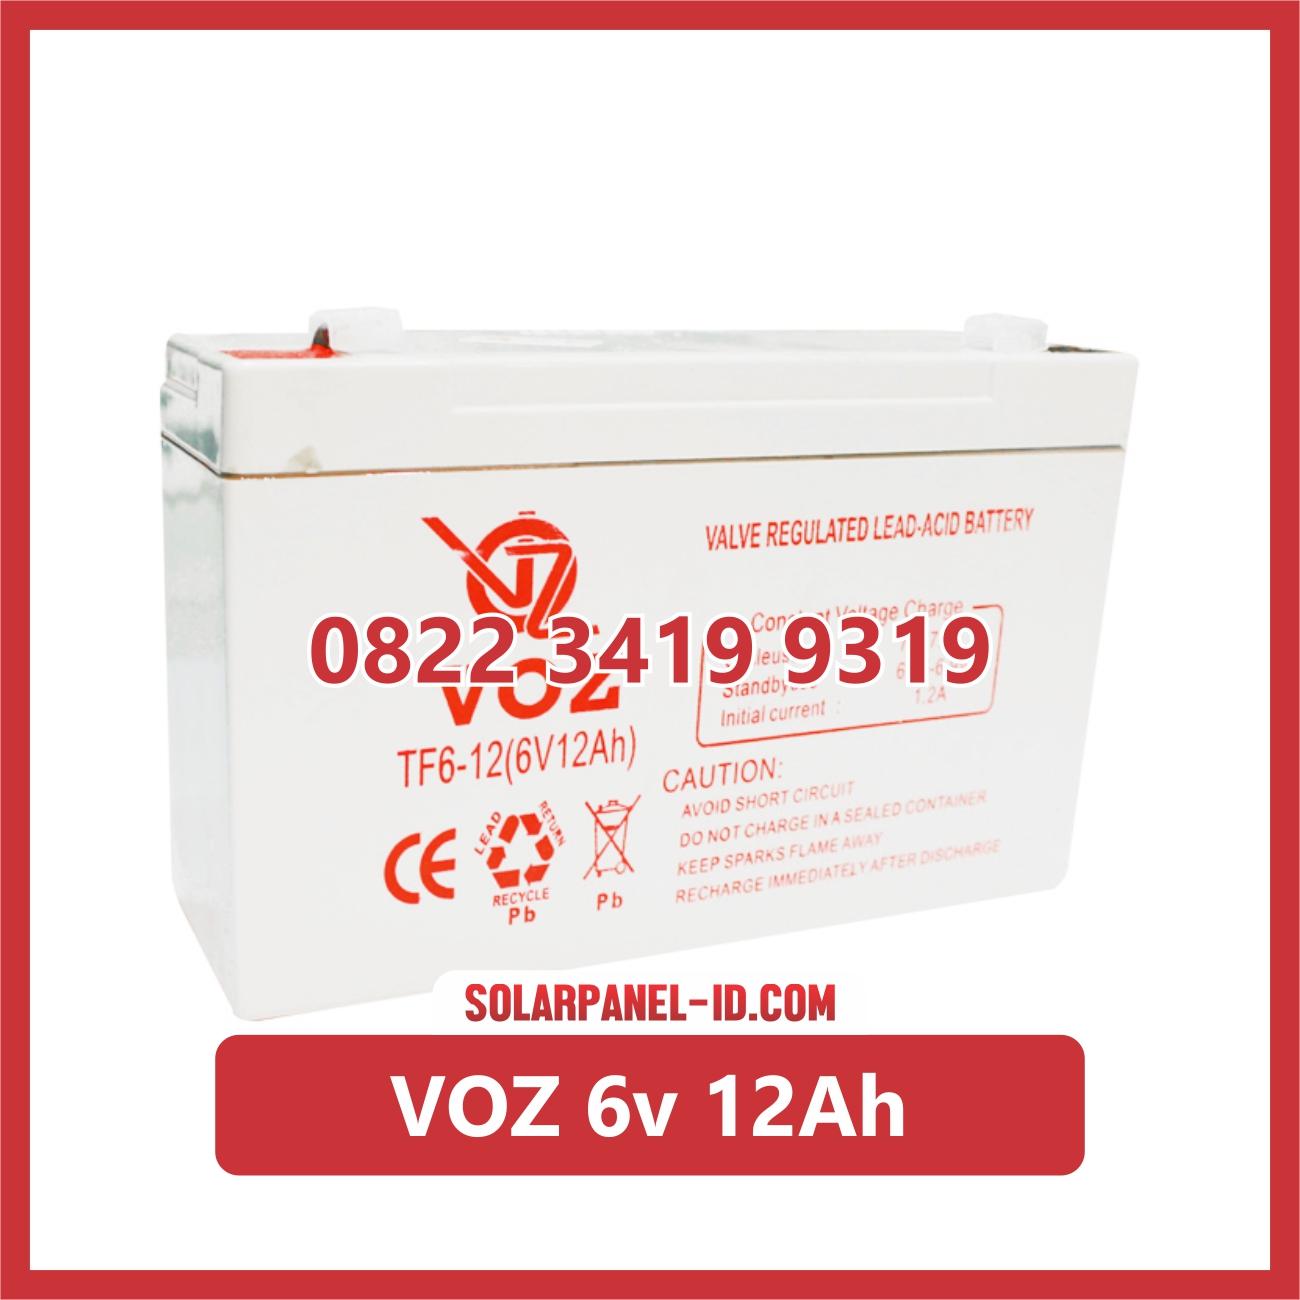 VOZ baterai kering 6v 12Ah baterai emergency